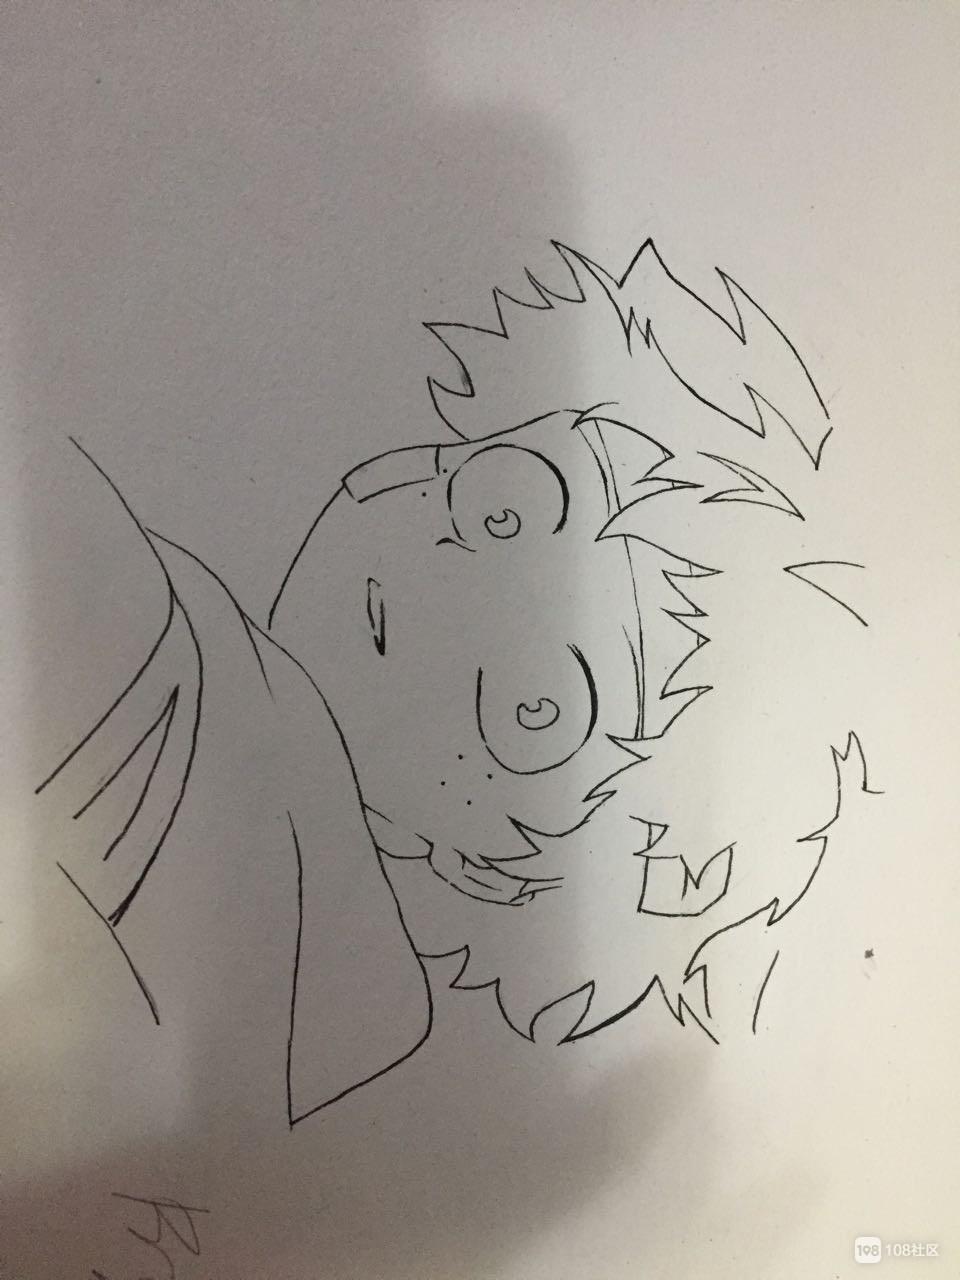 社友晒孩子的漫画,画得噶好!可第二张图好像不对劲